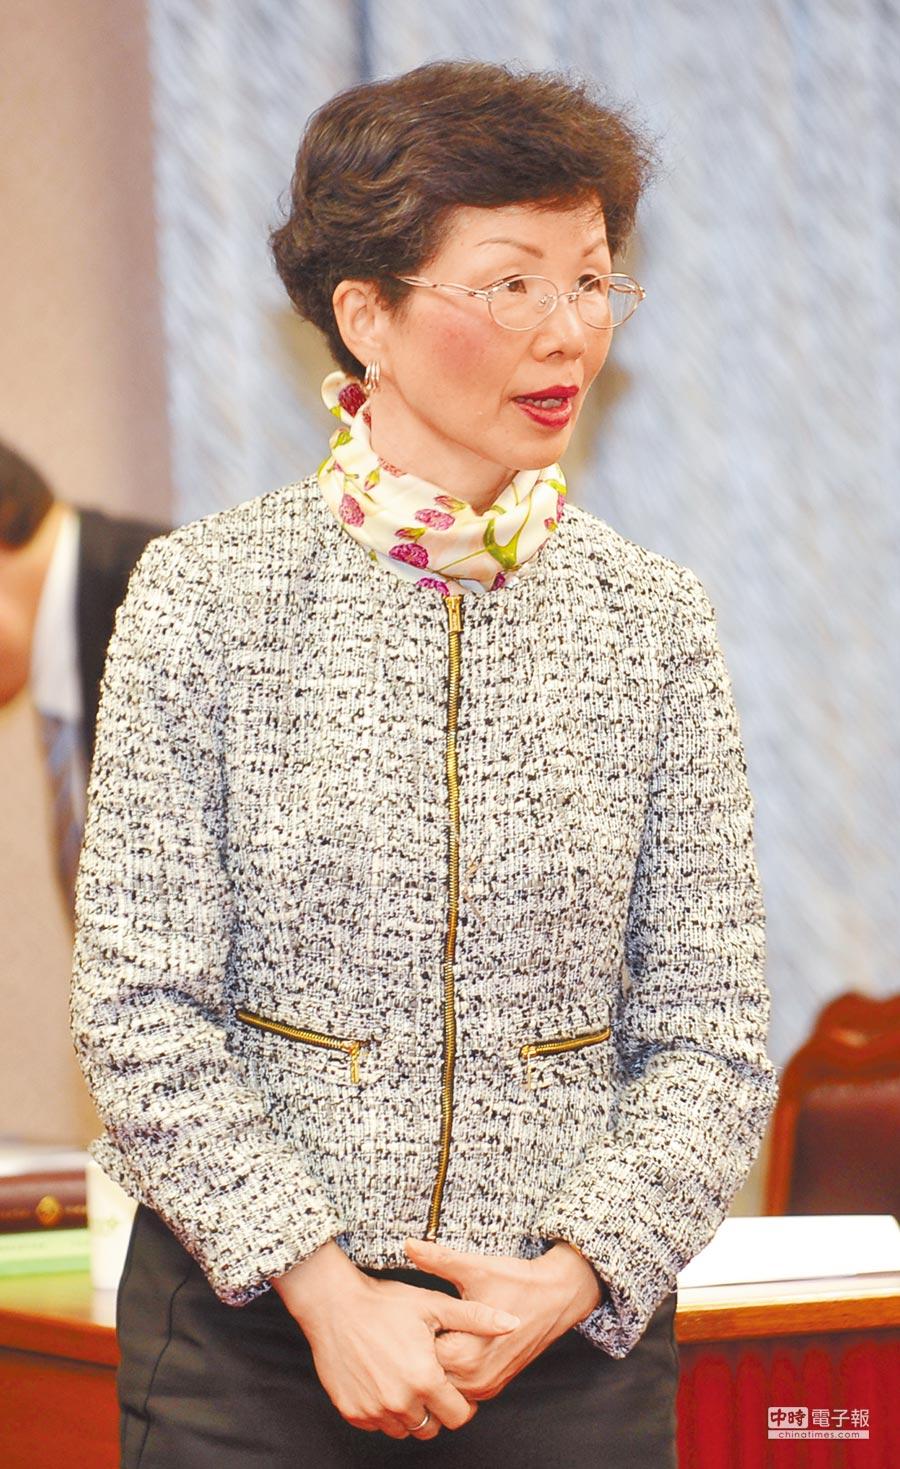 面對立委詢問台灣是否會被中美當作利益交換的籌碼?陸委會主委張小月(見圖)20日要求美方信守《台灣關係法》以及對台「六項承諾」等。(本報系資料照片)